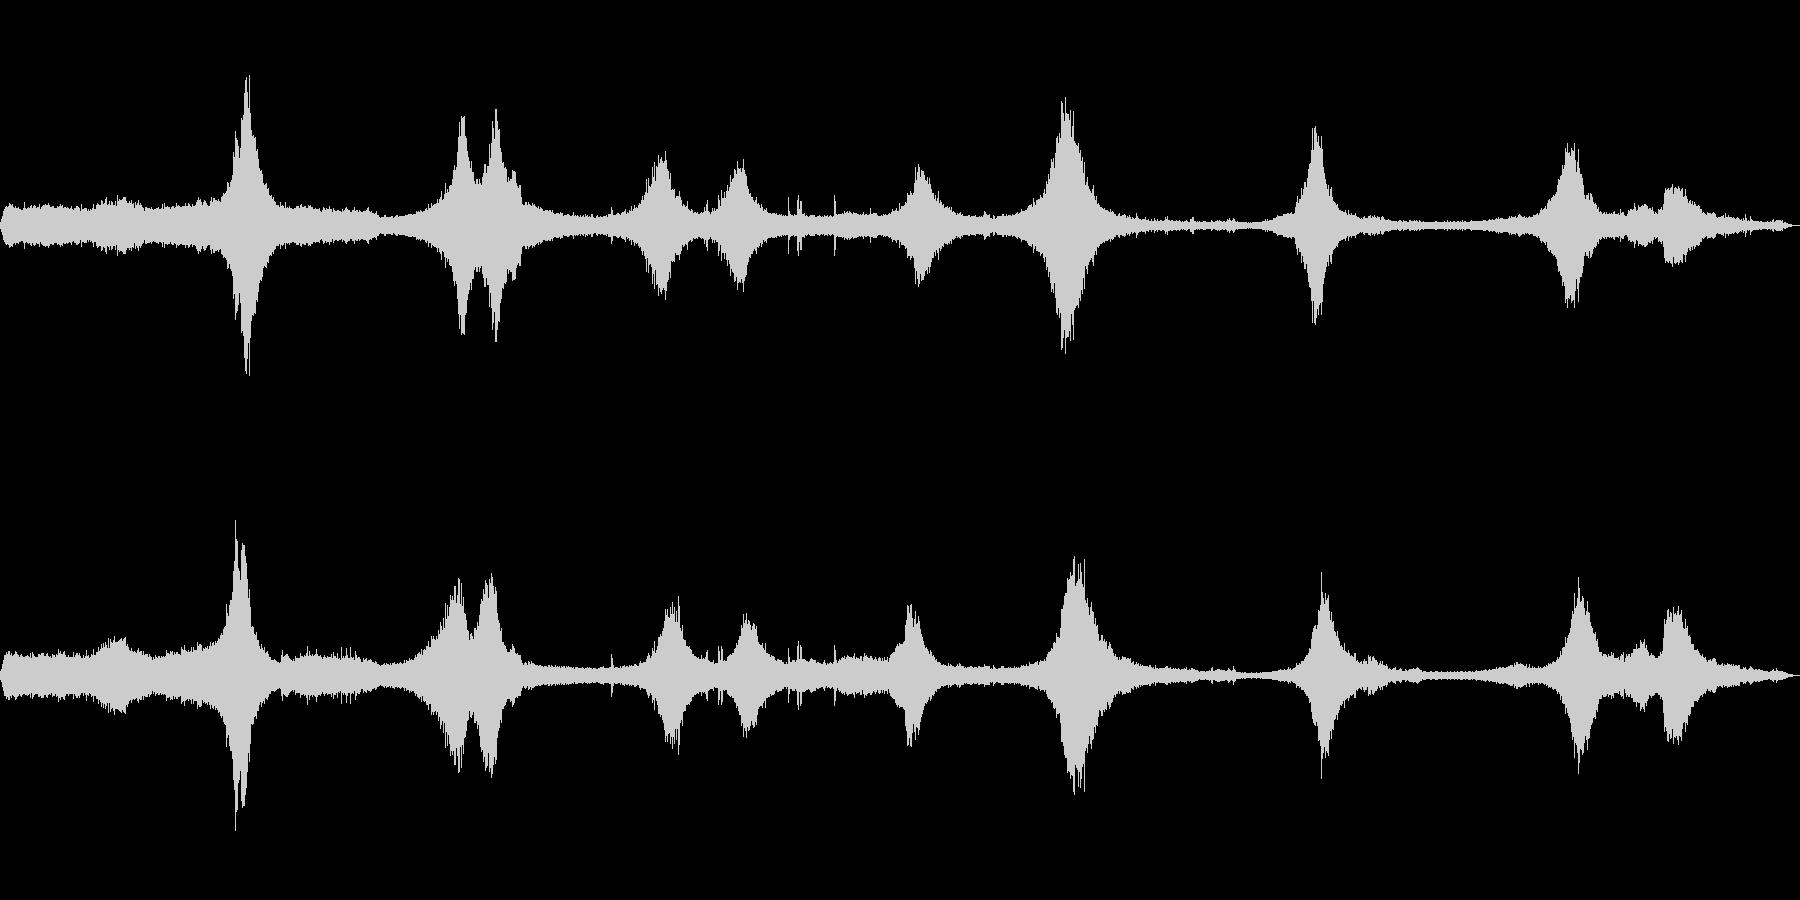 [生録音]交通量の多い交差点01(初夏)の未再生の波形